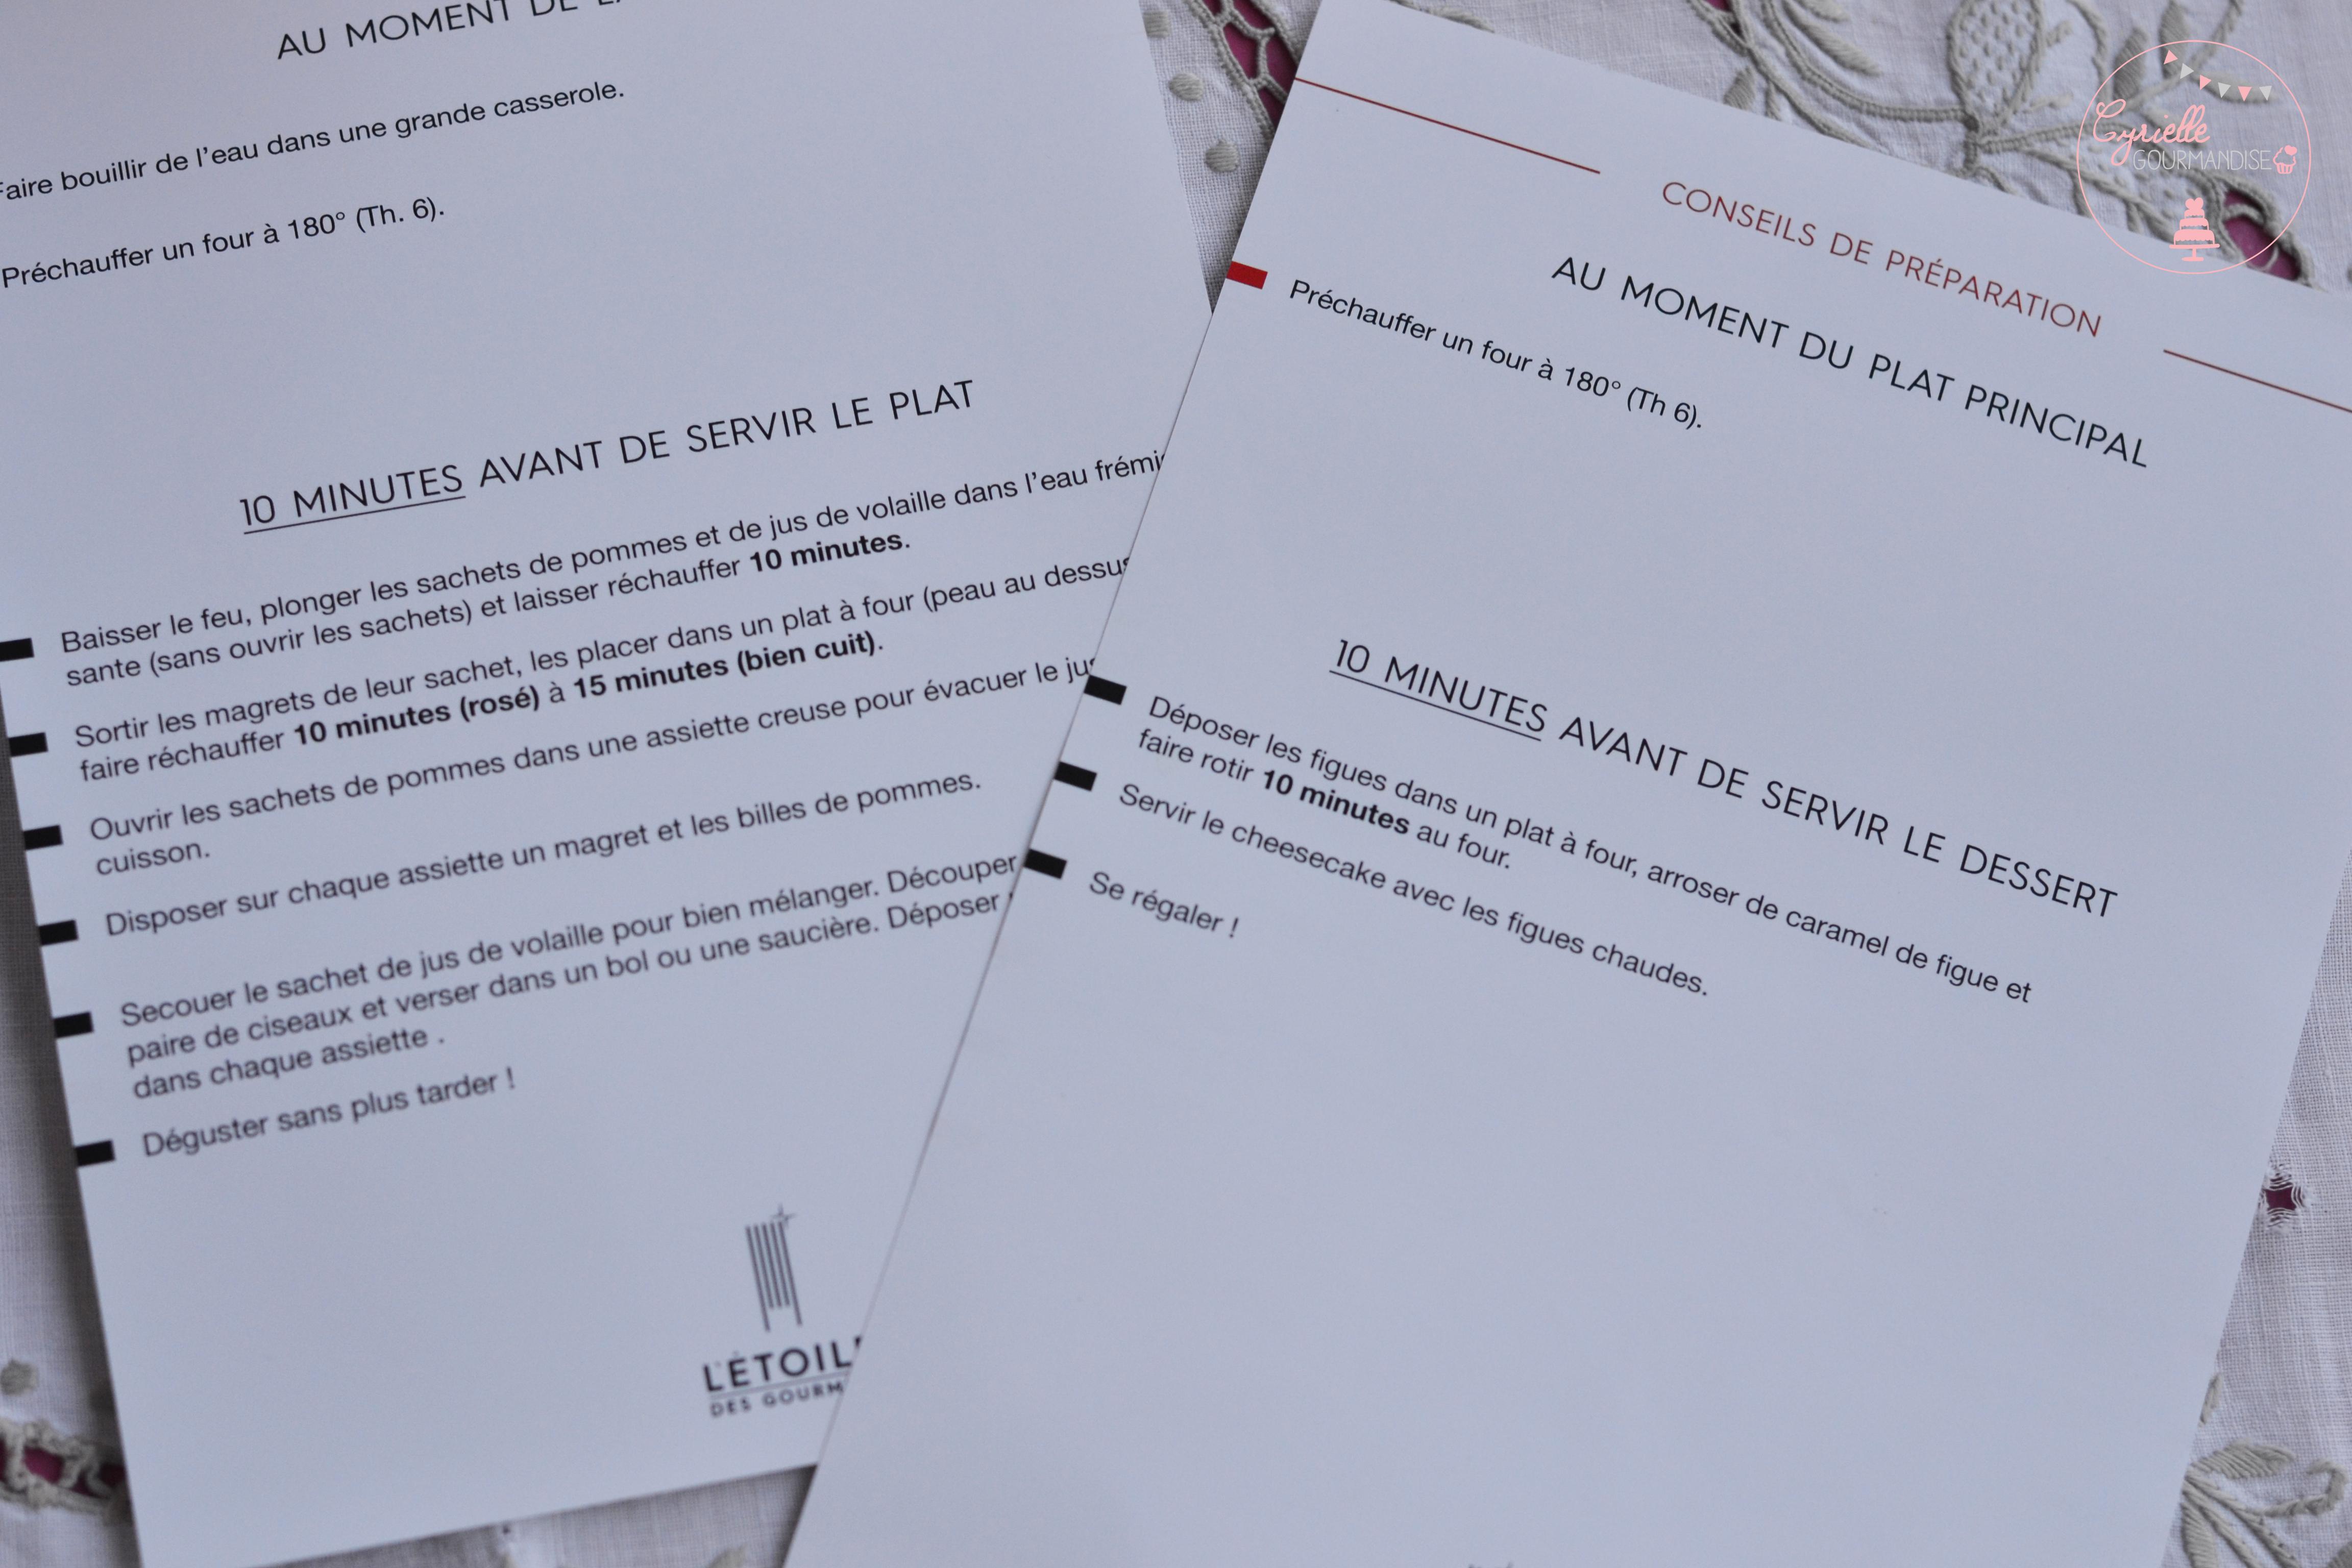 letoile-des-gourments-2